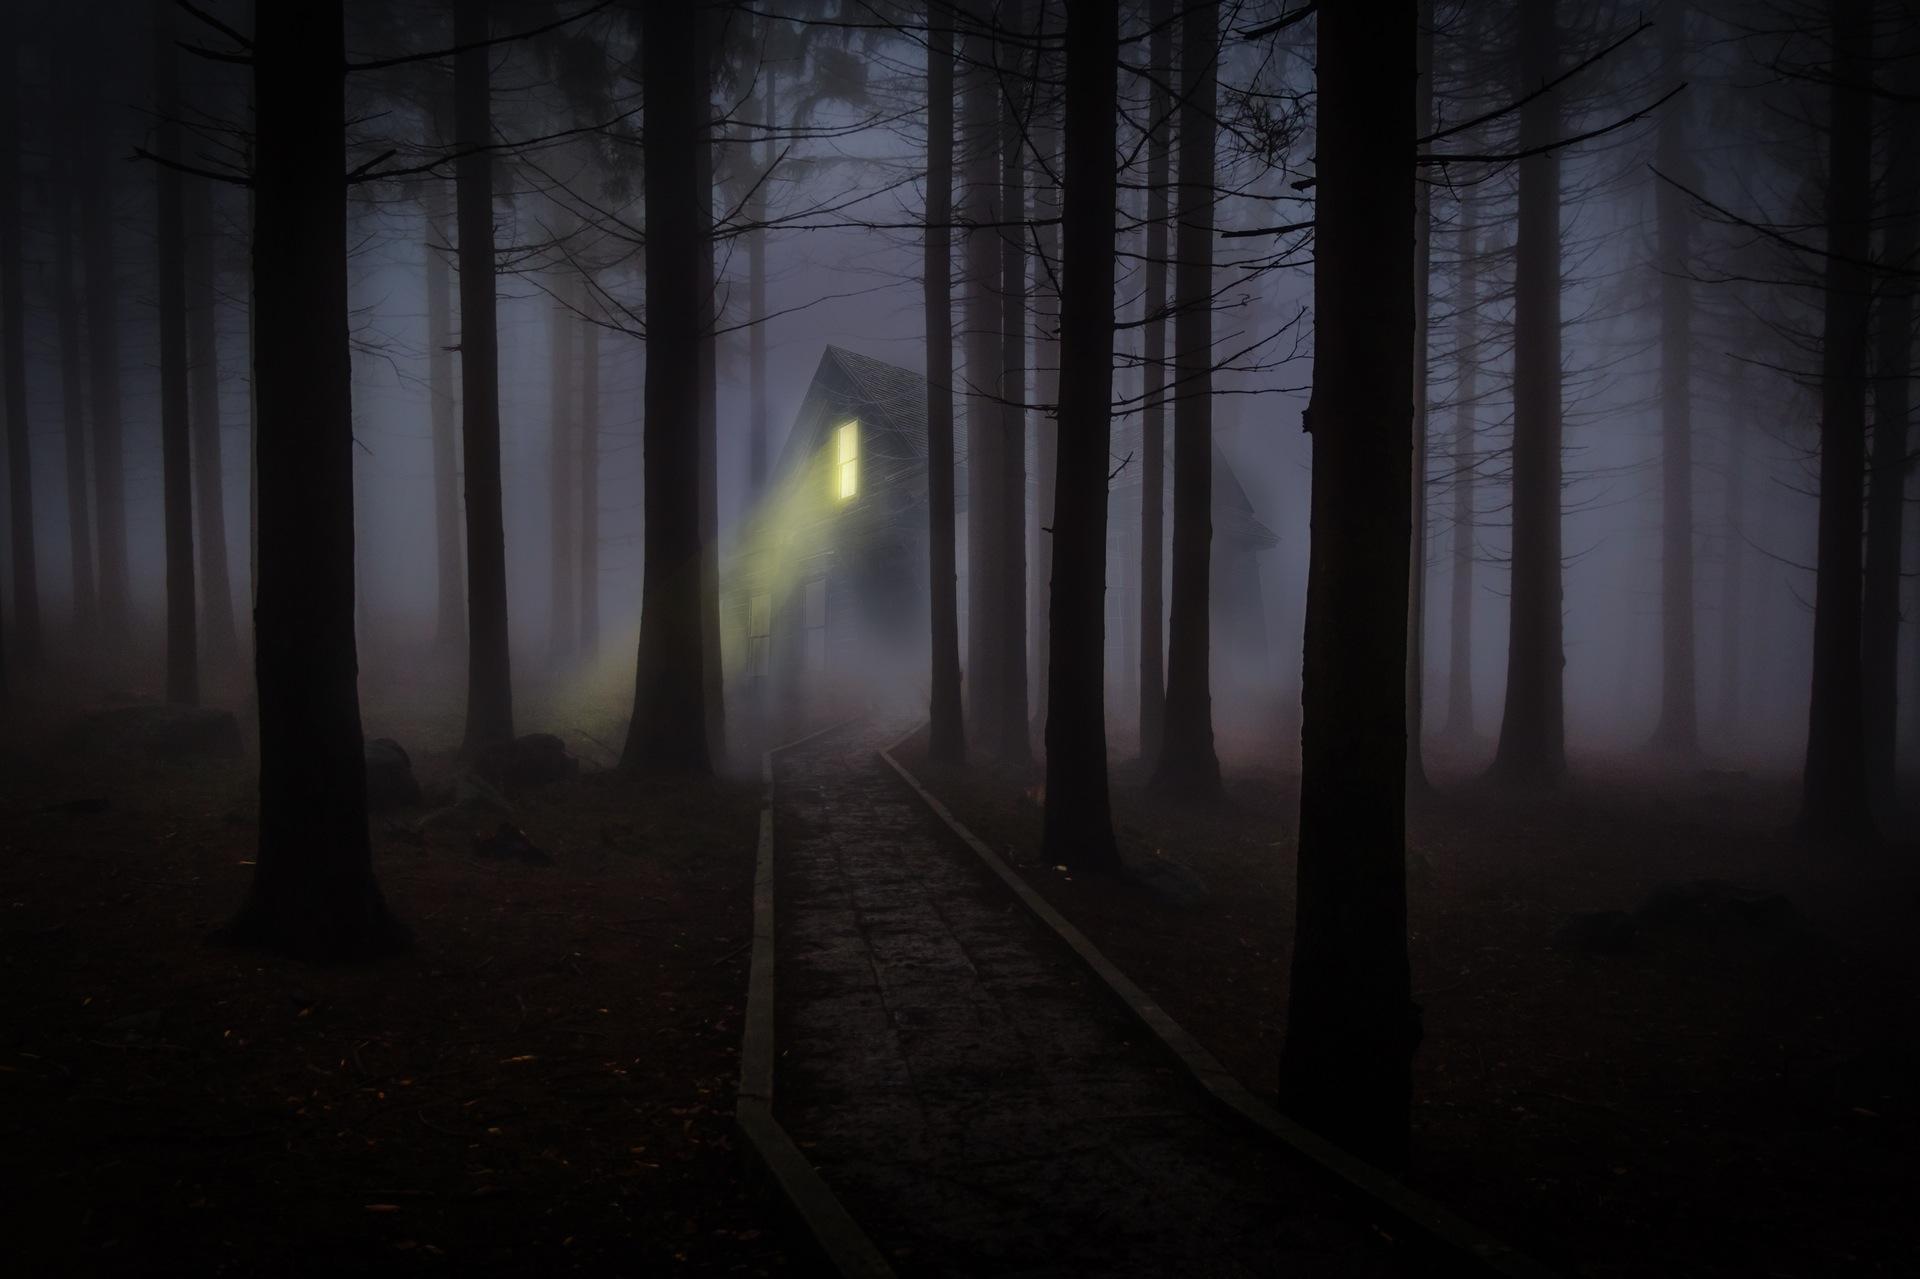 通过, 火车, 雾, 房子, 森林 - 高清壁纸 - 教授-falken.com